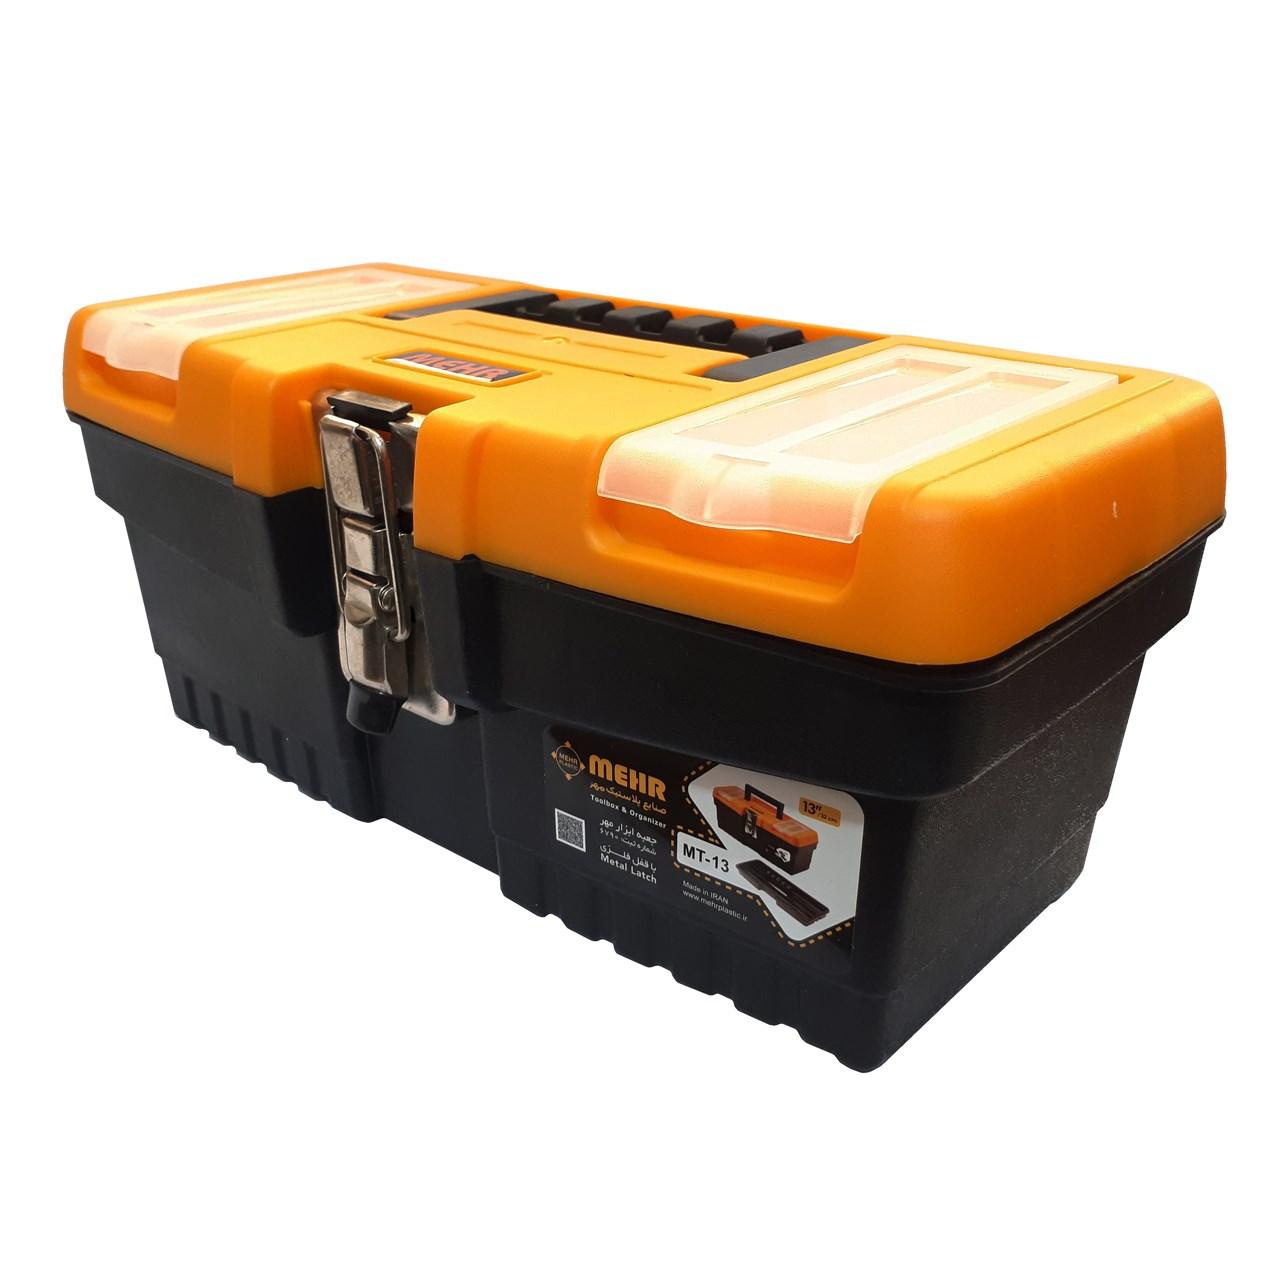 جعبه ابزار مهر مدل MT-13